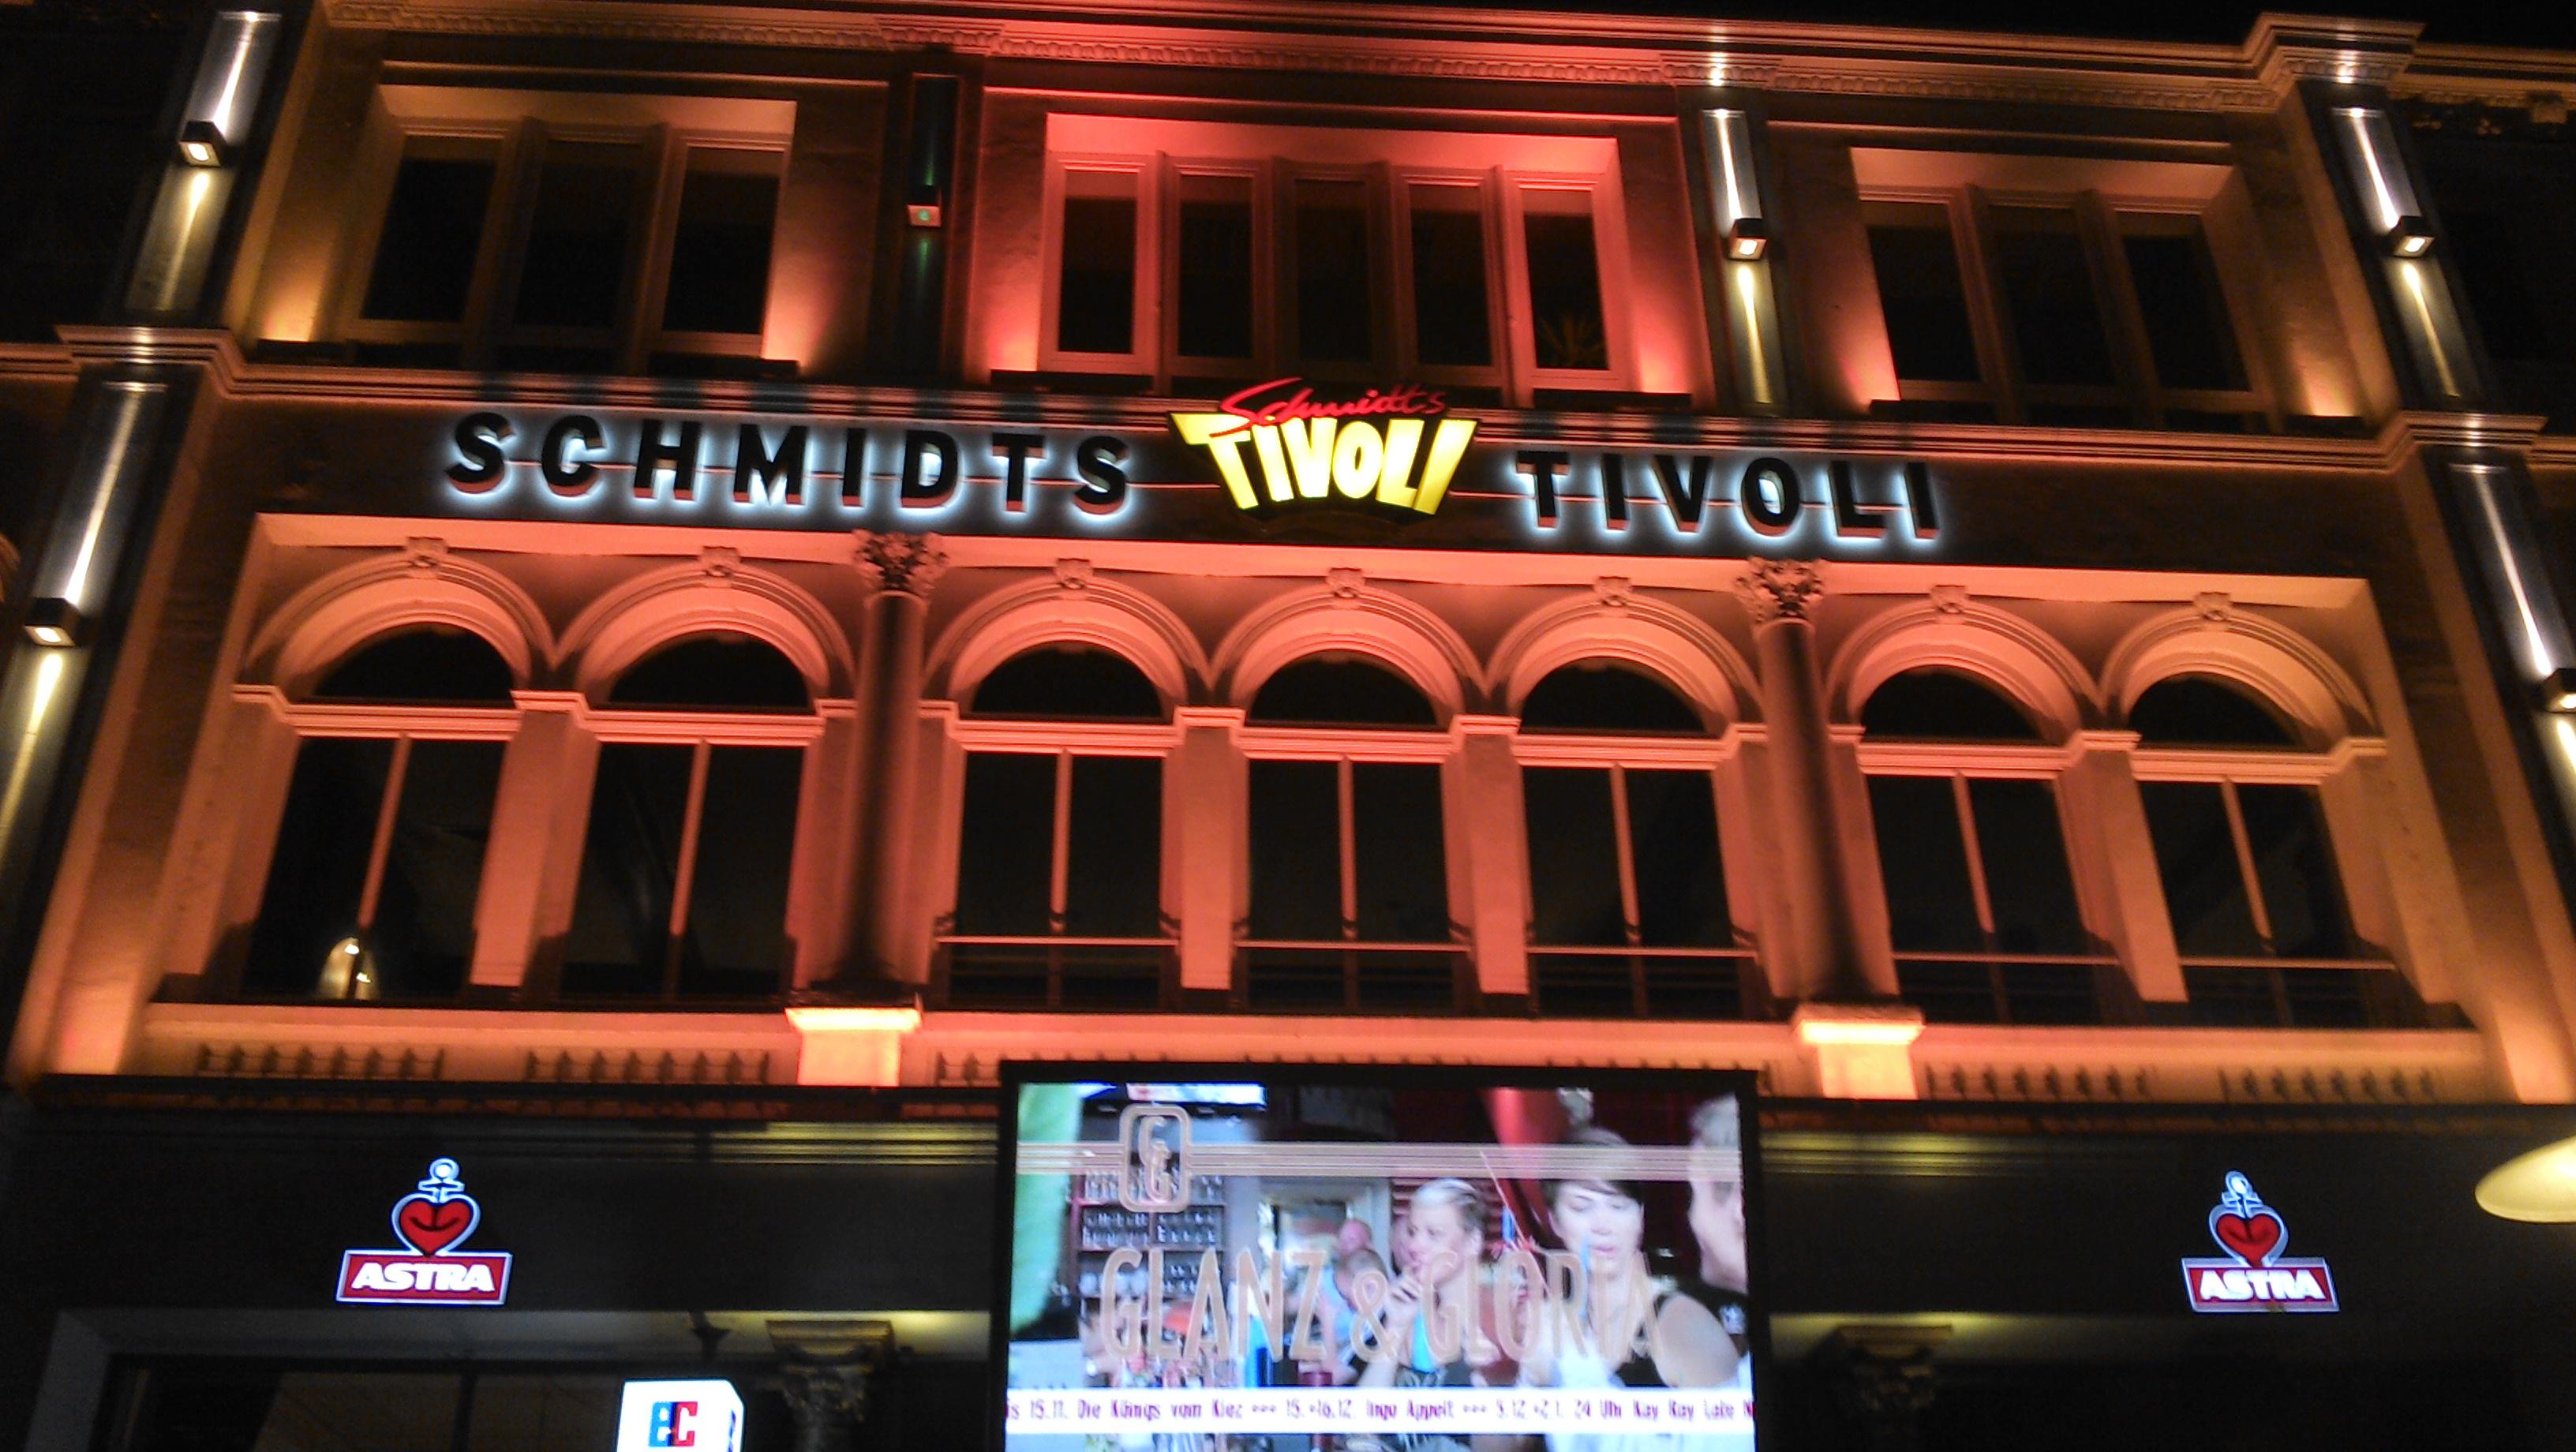 hier ist immer was los Schmidts Tivoli